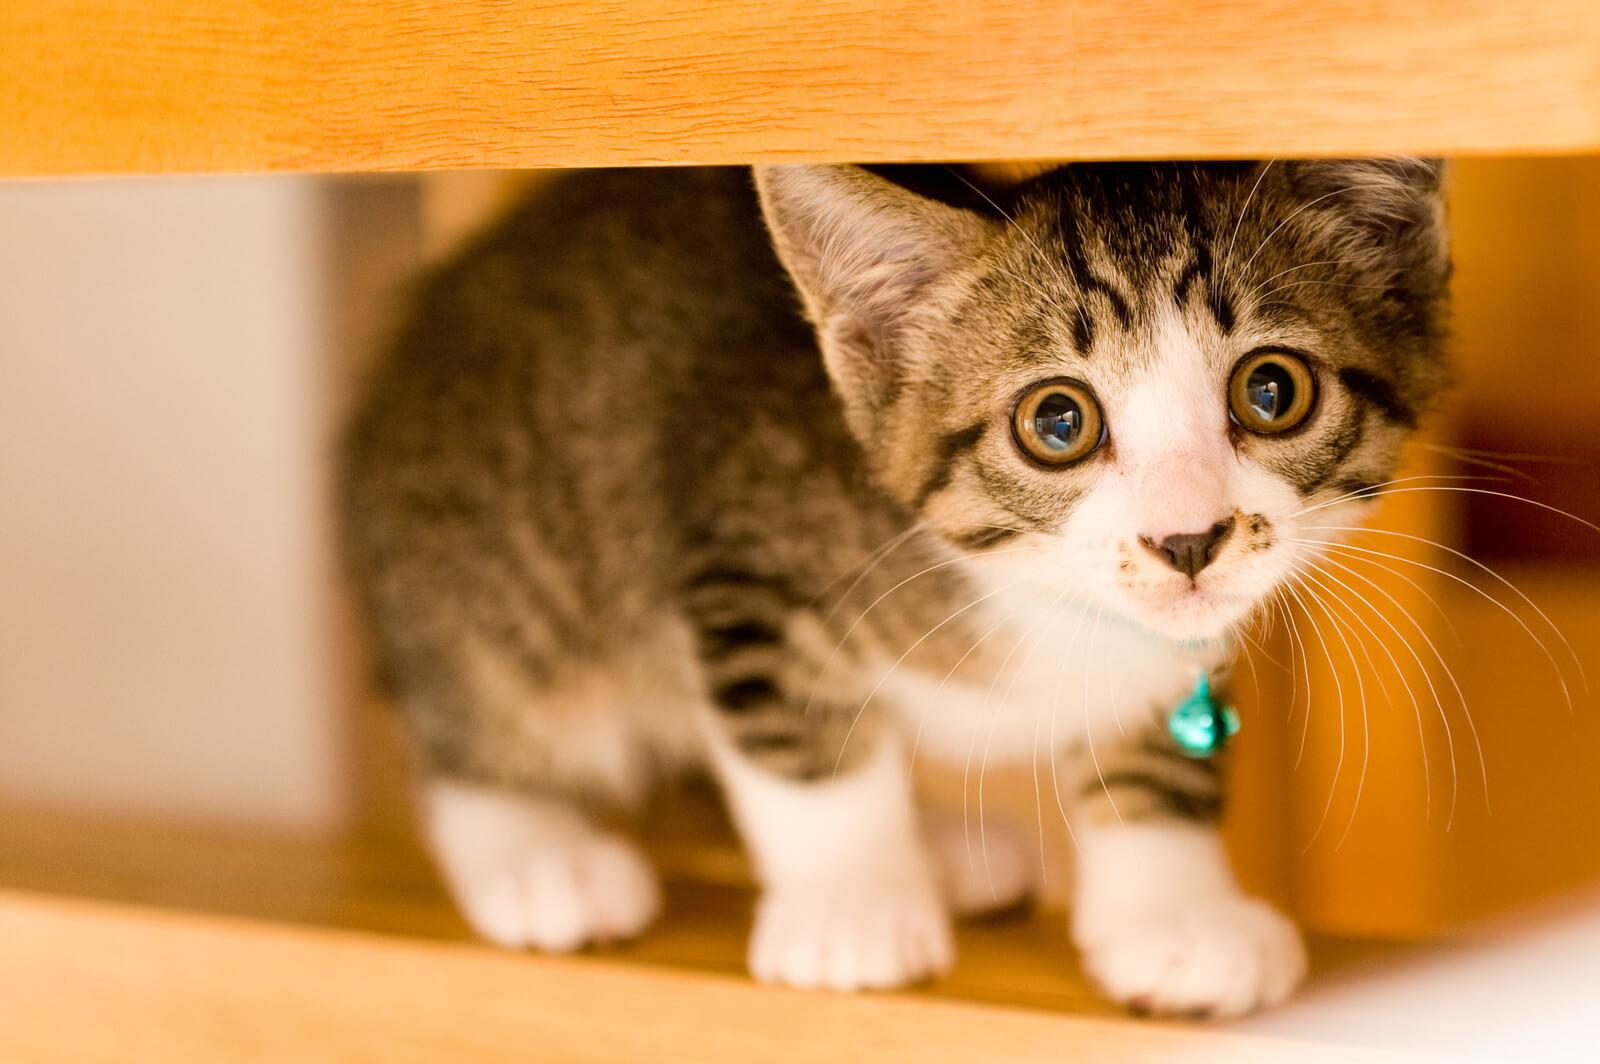 日産:猫バンバンプロジェクト良いアイデアですね!